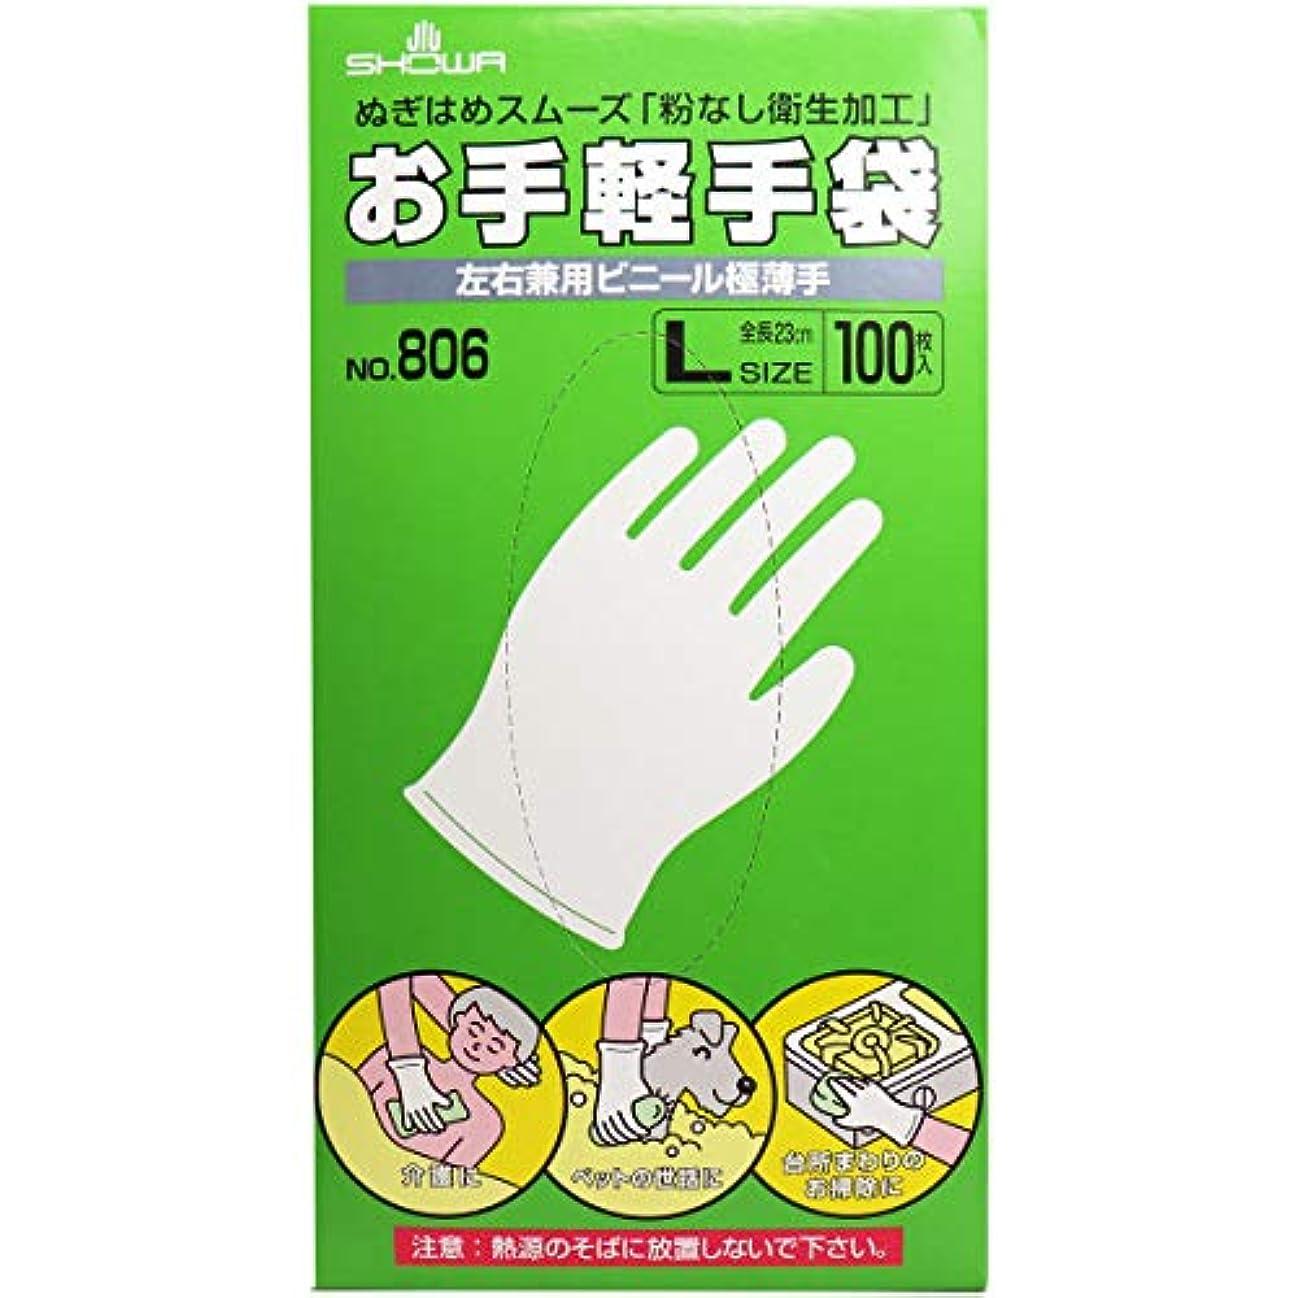 型複合ひどくお手軽手袋 No.806 左右兼用ビニール極薄手 粉なし Lサイズ 100枚入×2個セット